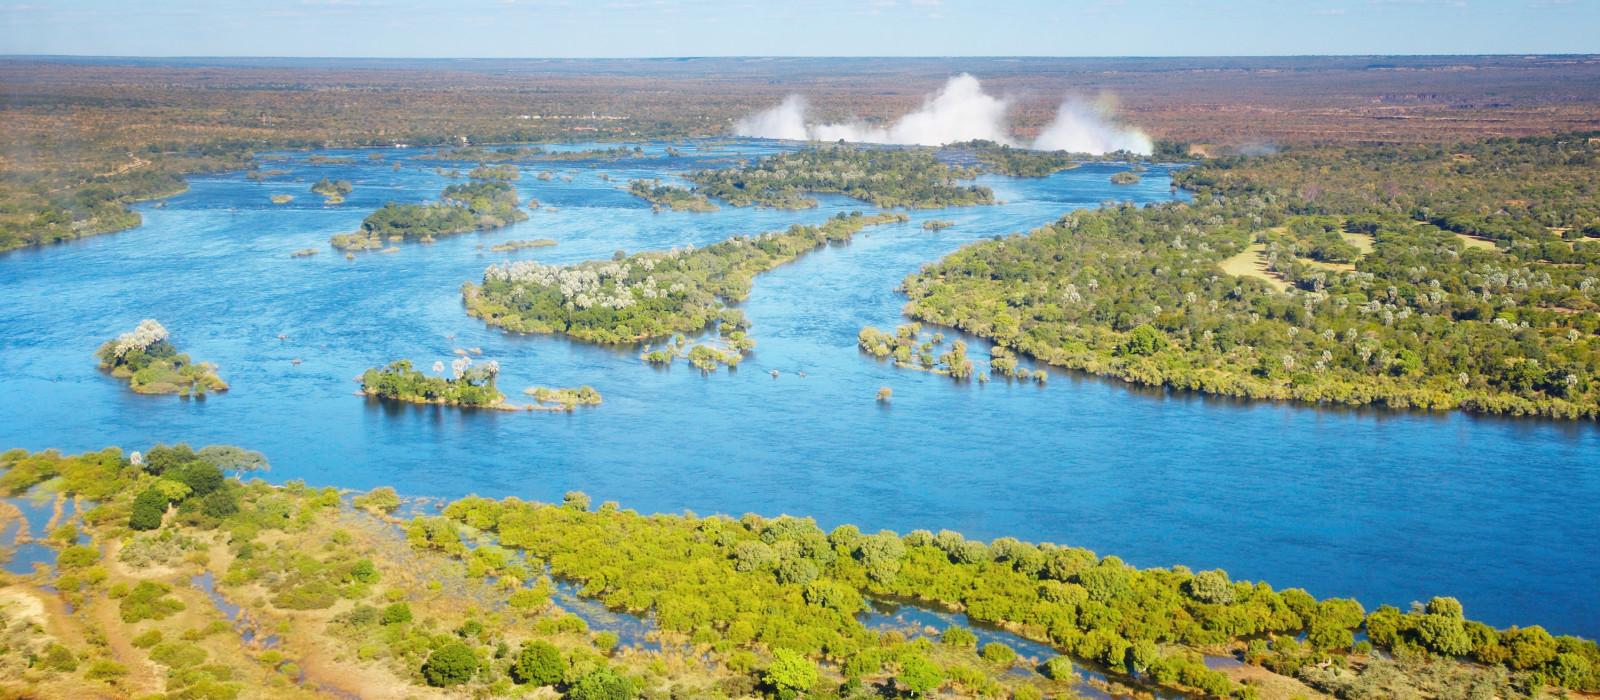 Reiseziel Great Zimbabwe Simbabwe